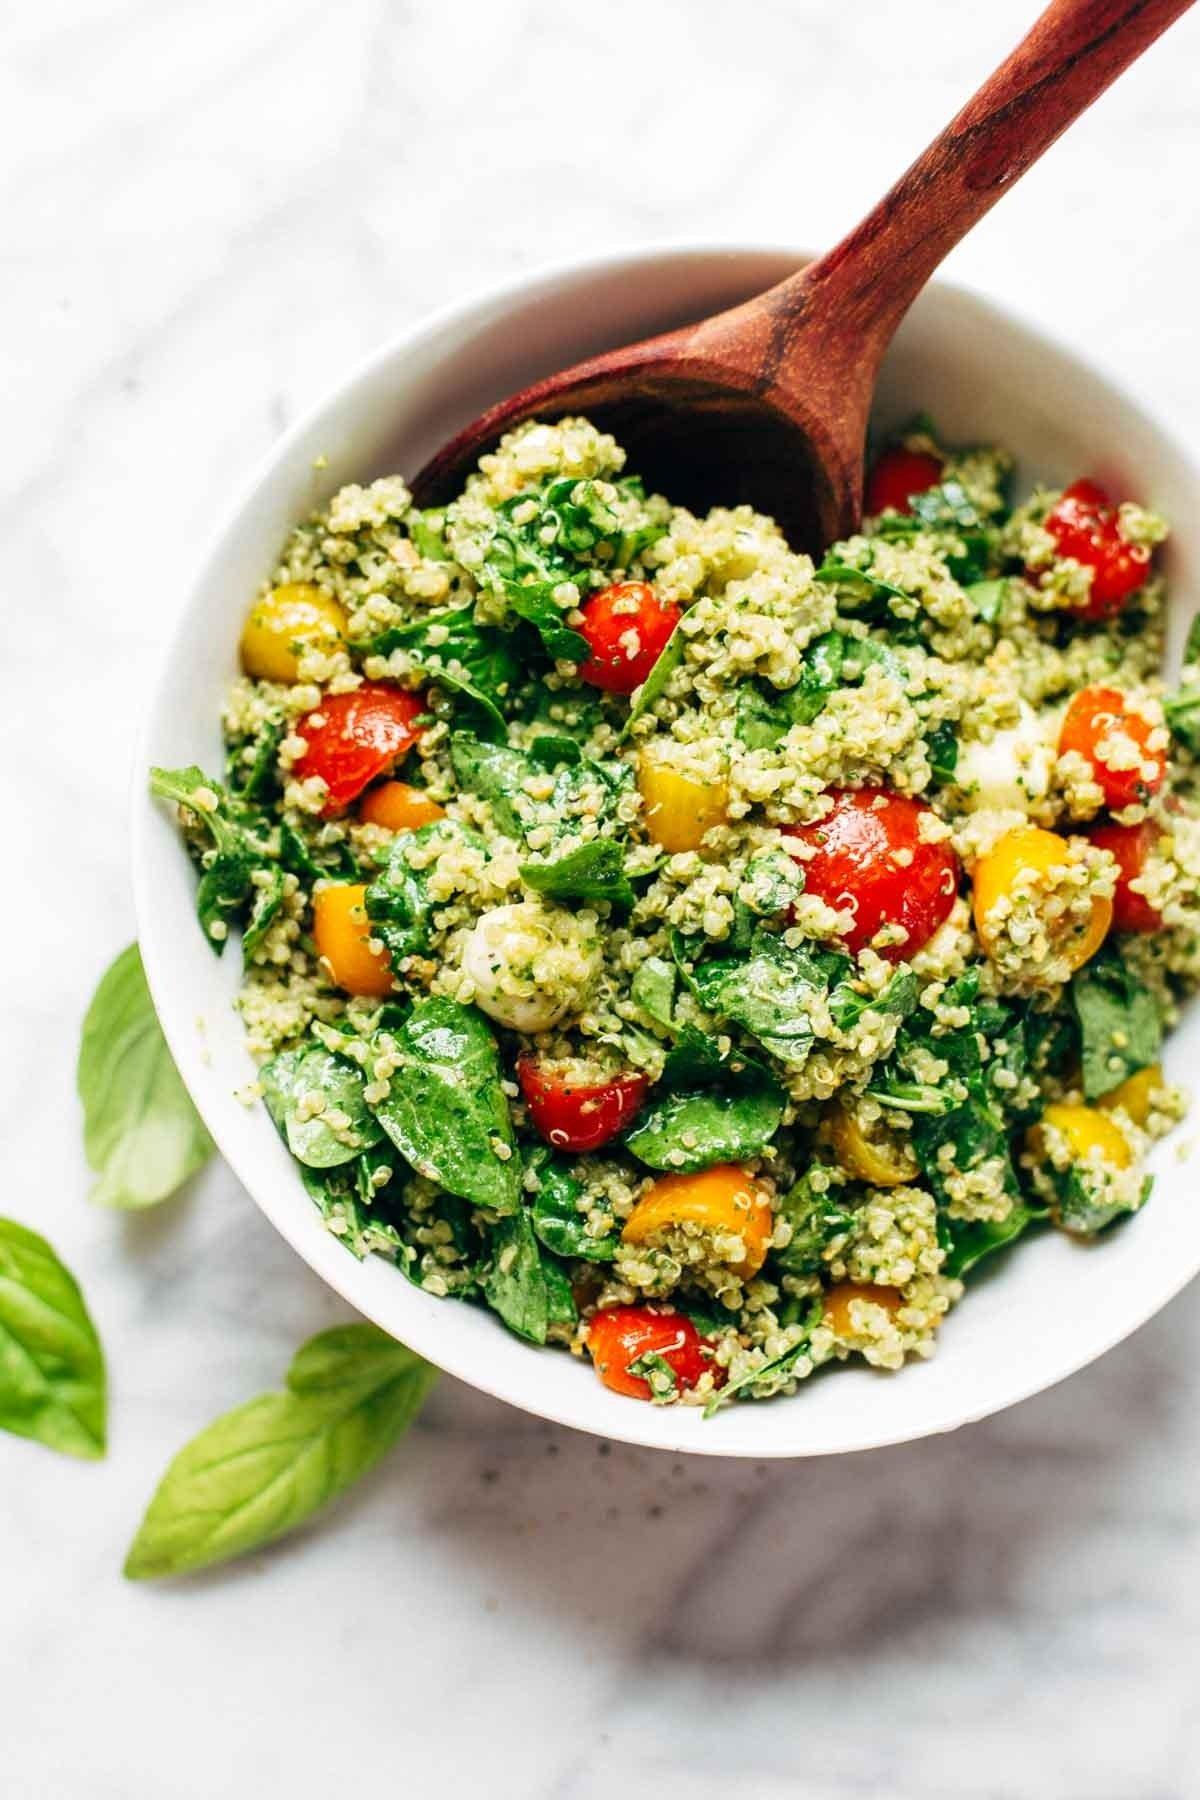 10 Famous Light Dinner Ideas For Summer green goddess quinoa summer salad recipe pinch of yum